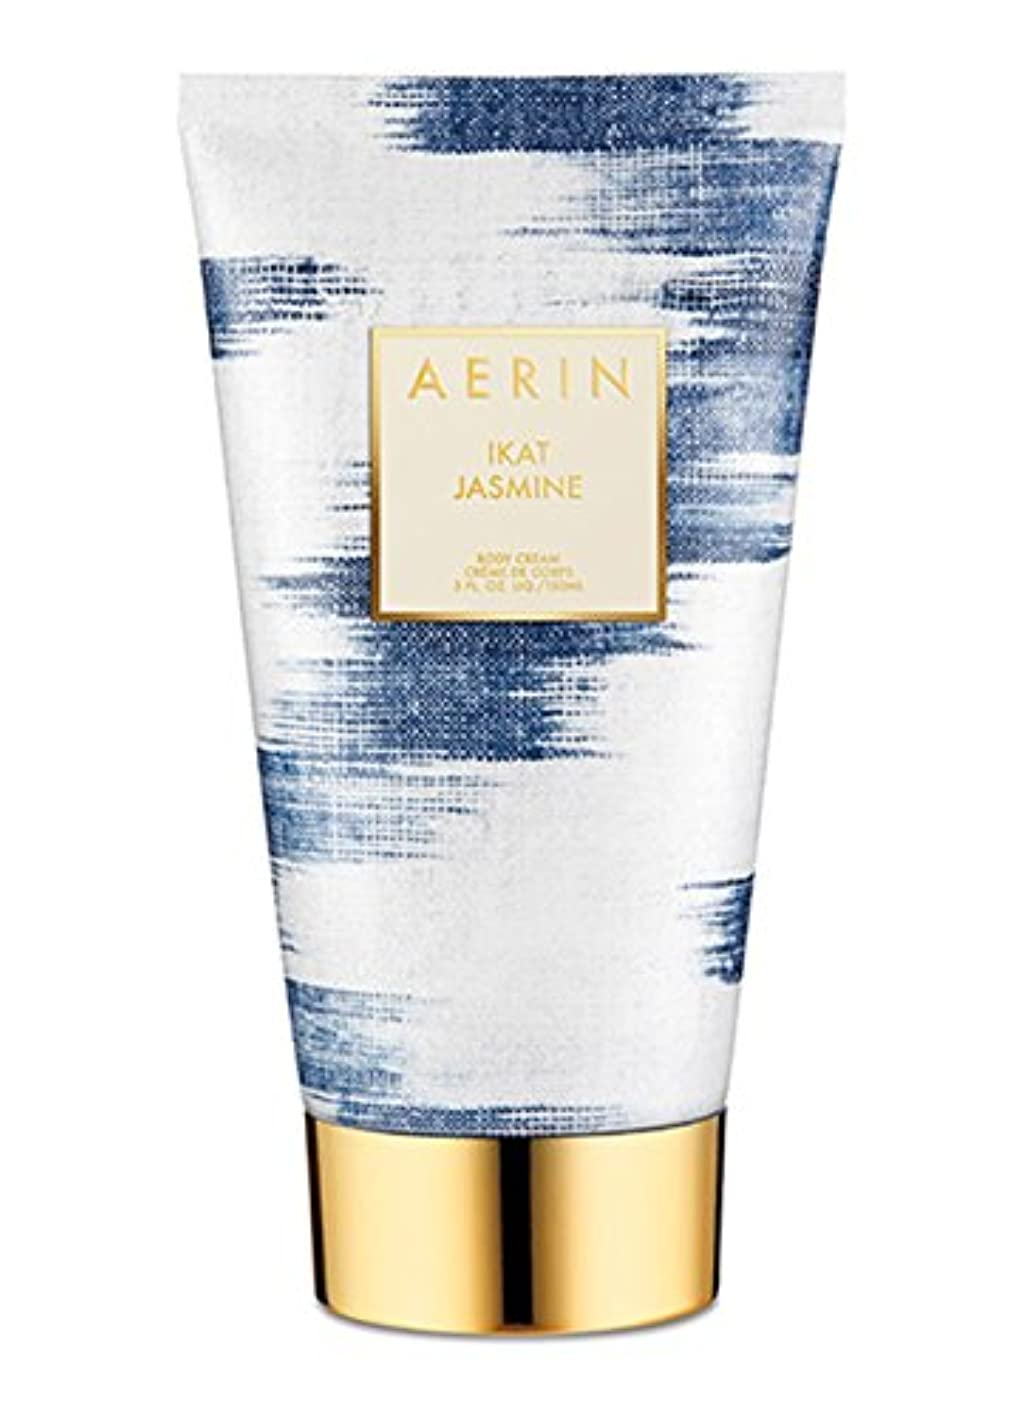 経由でラッチ迫害するAERIN 'Ikat Jasmine' (アエリン イカ ジャスミン) 5.0 oz (150ml) Body Cream by Estee Lauder for Women